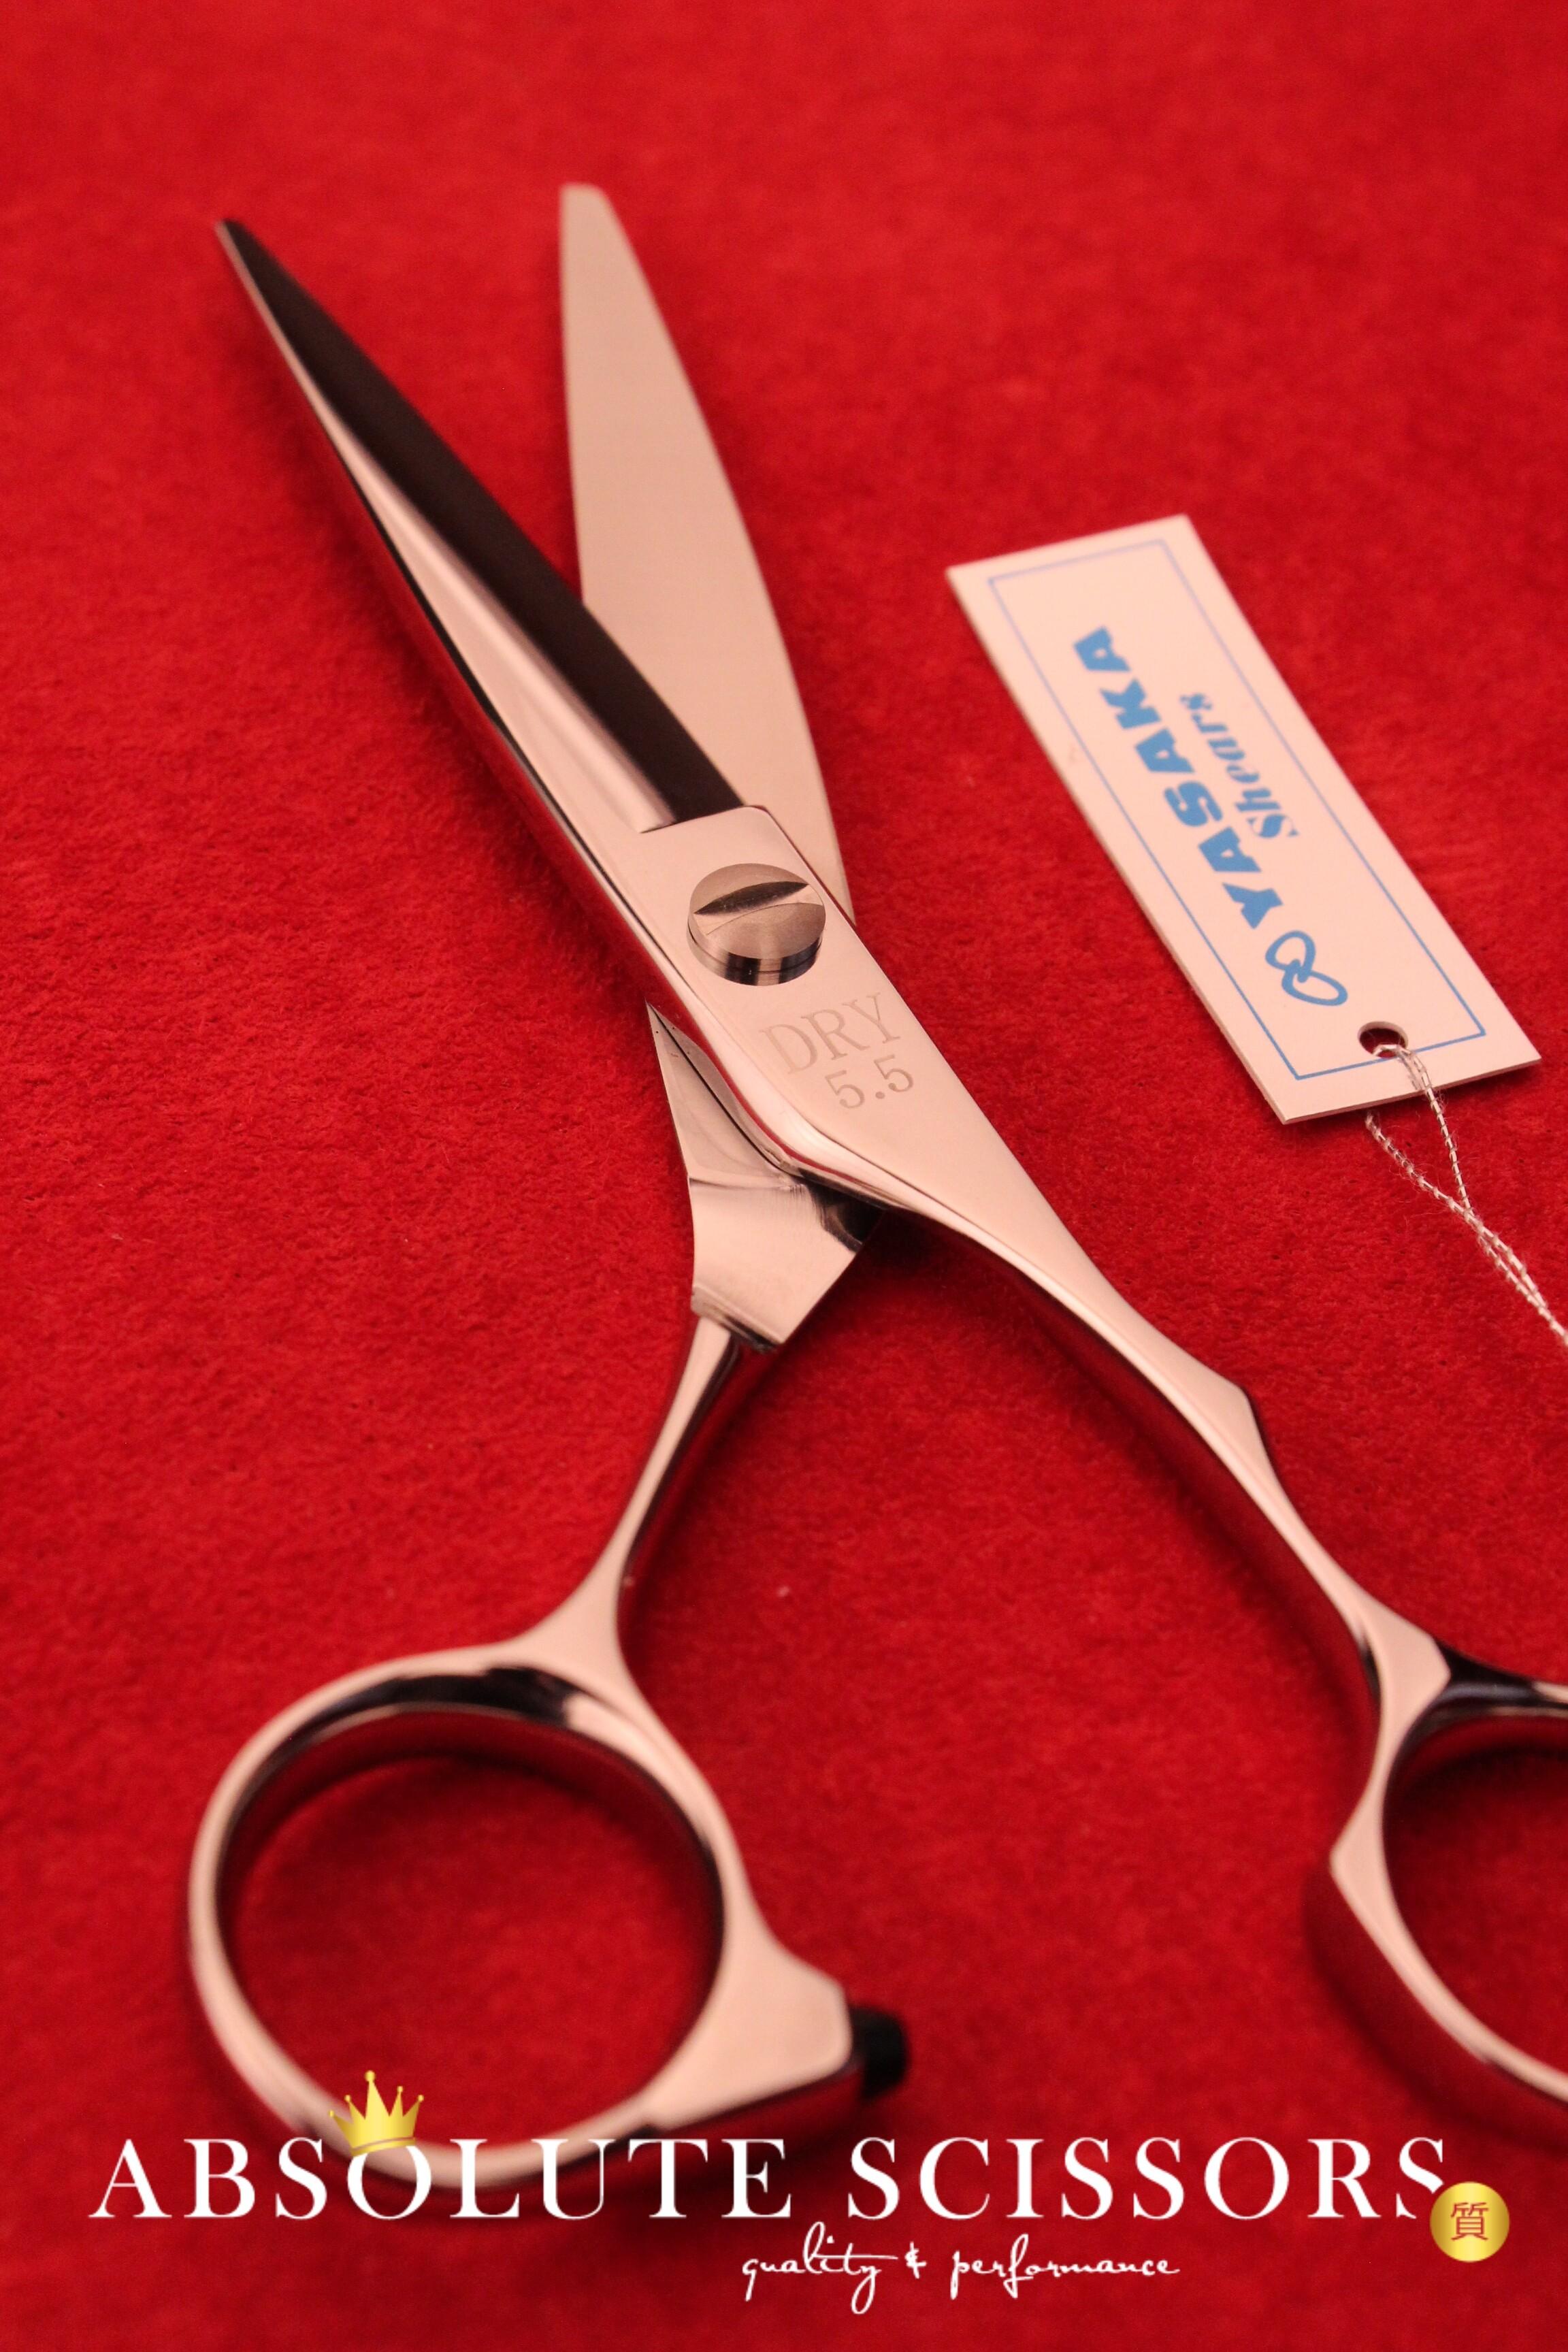 yasaka dry size 55 hair shears